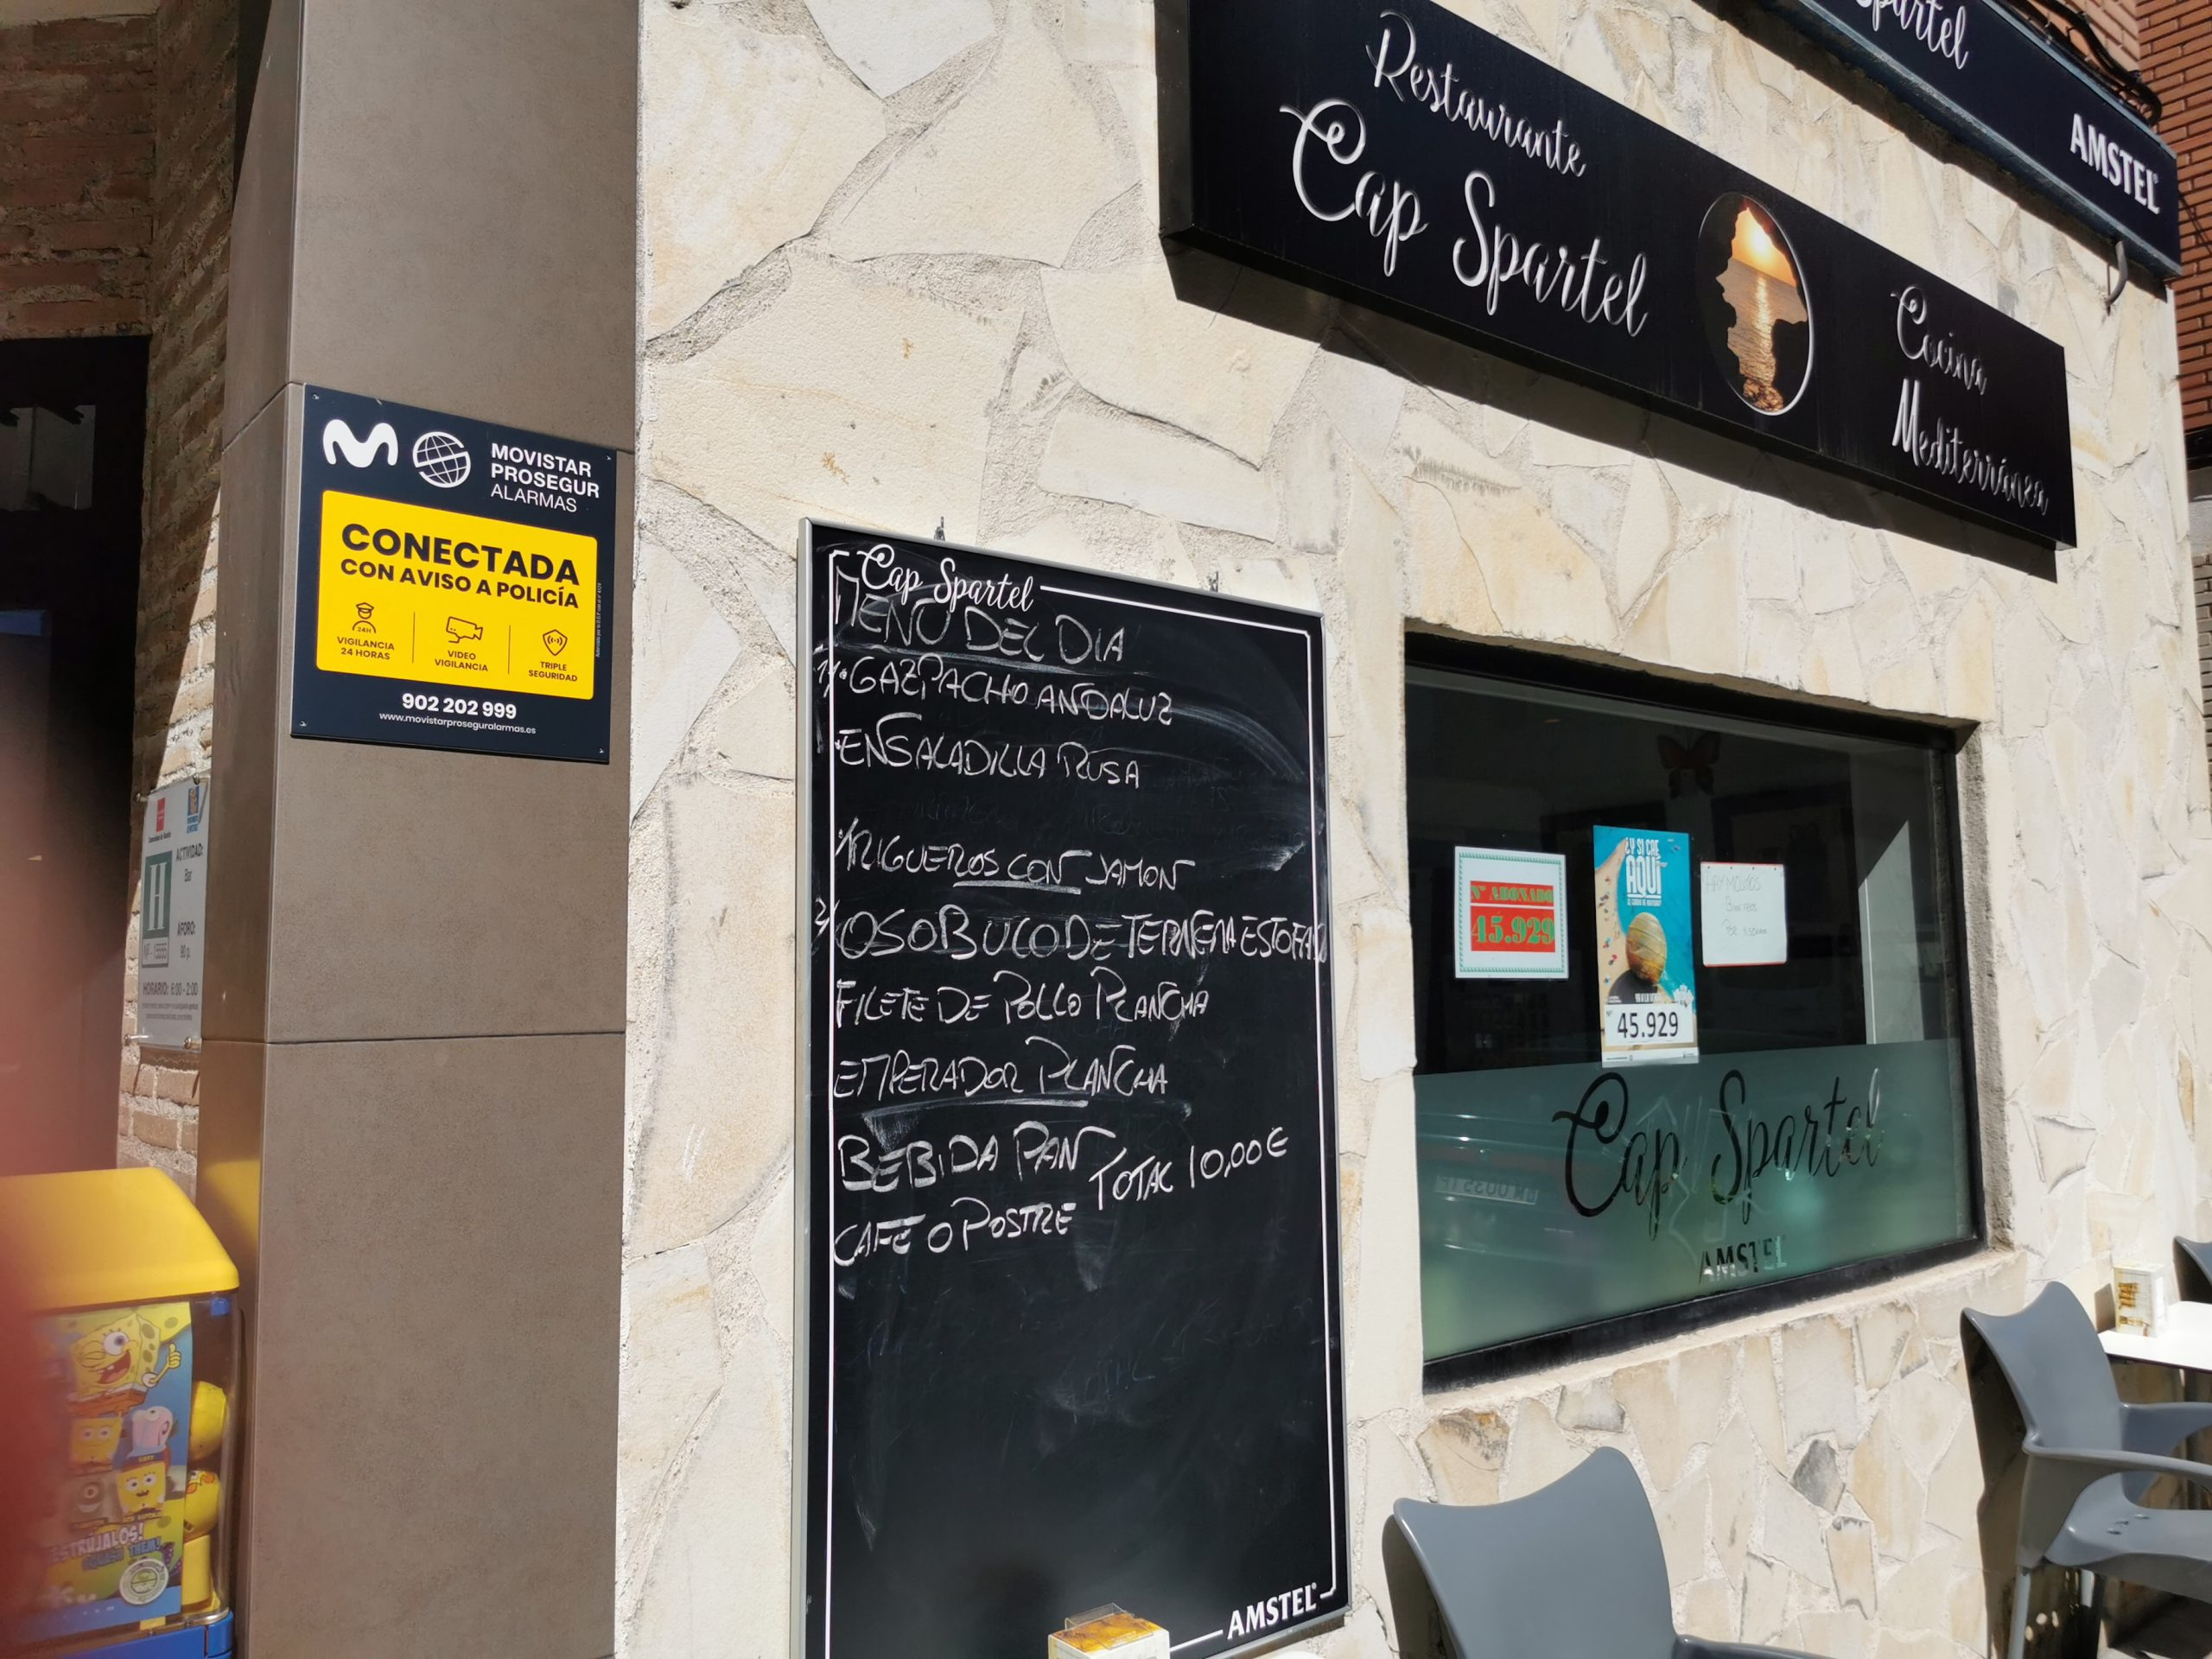 Bar restaurante Cap Spartel, cocina tradicional en Móstoles, comida árabe por encargo en Móstoles